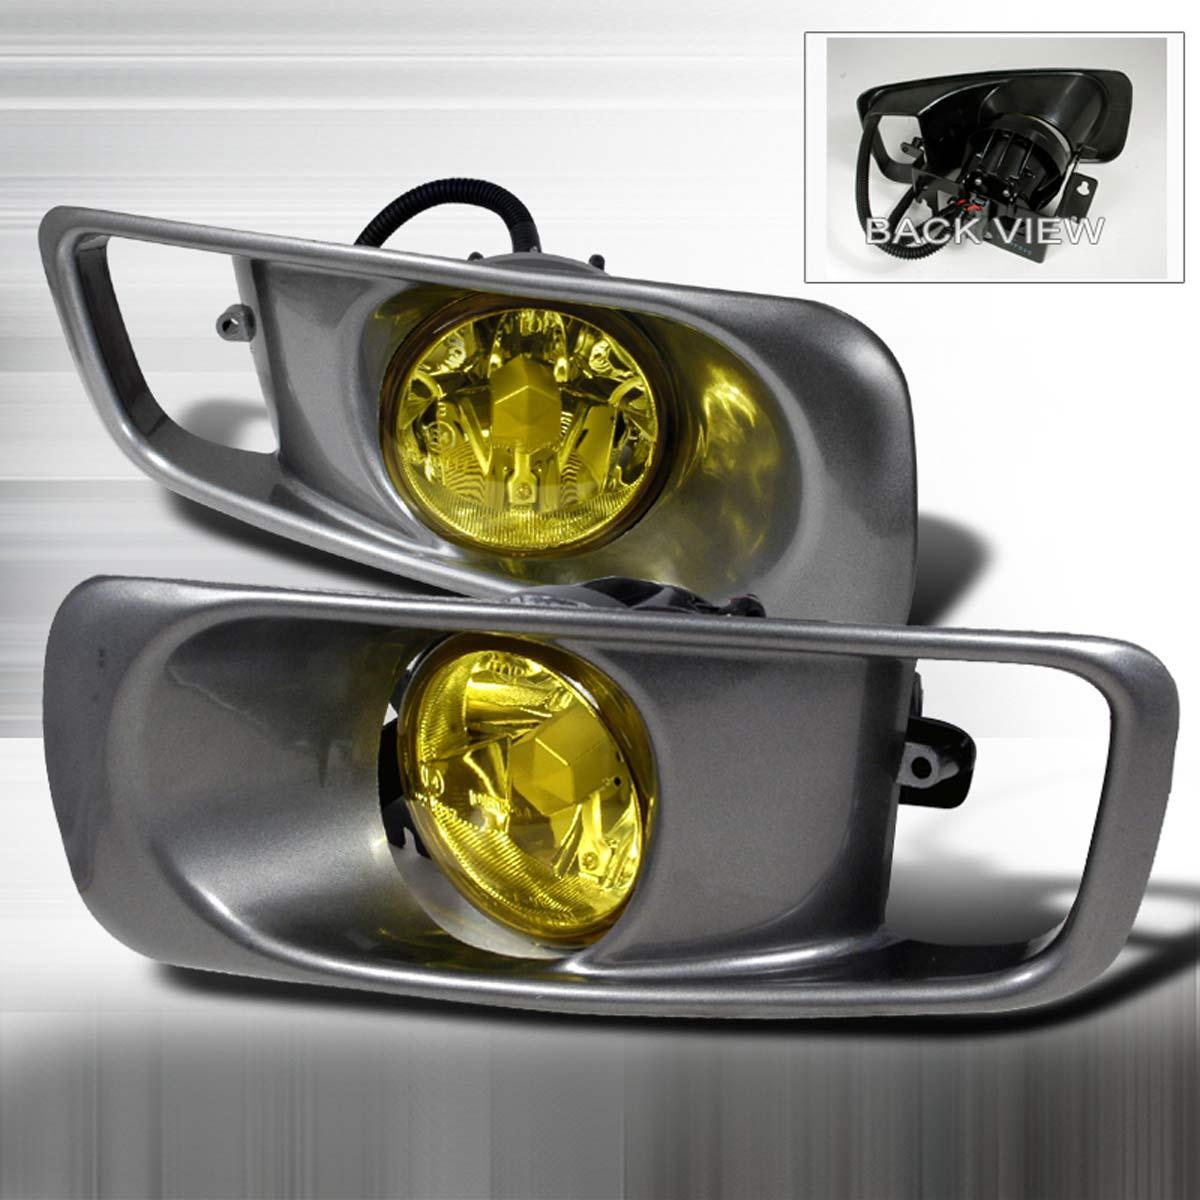 Spec-D Tuning LF-CV99AM-DP | Spec-D Depo Civic Fog Lights (Yellow); 1999-2000 & Spec-D Tuning LF-CV99AM-DP | Spec-D Depo Civic Fog Lights (Yellow); 1999-2000